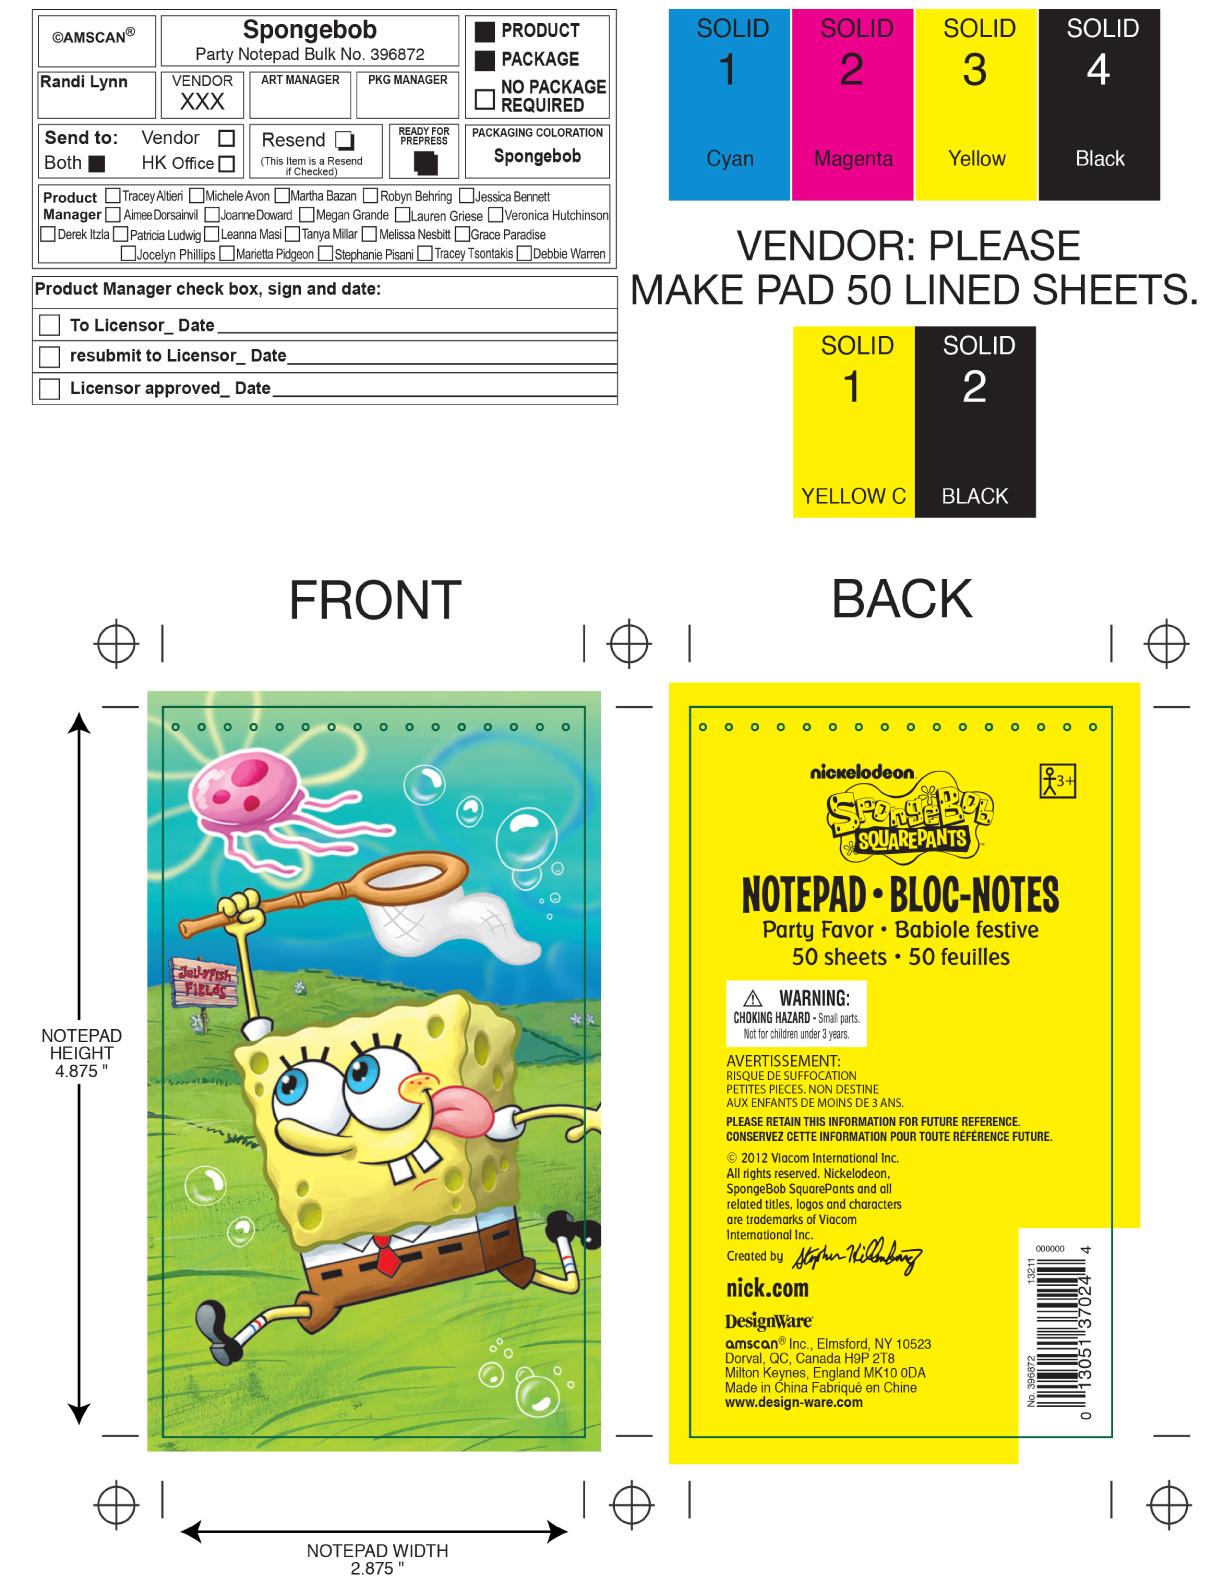 Spongebob_NtpdBulk_PRD_PKG